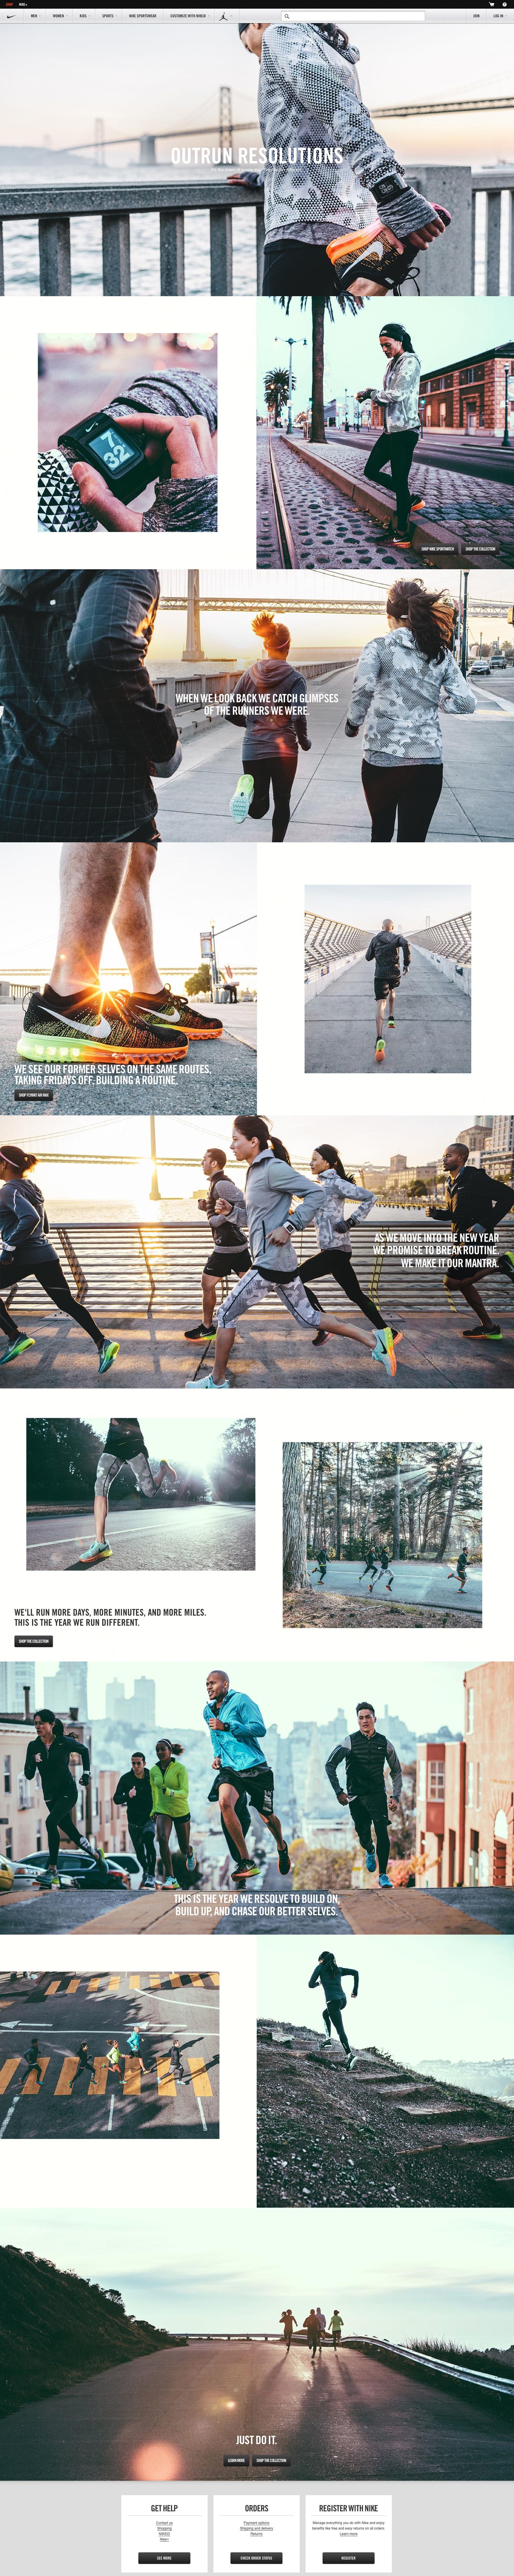 Outrun Resolutions. Nike.com. Nike.com.jpg